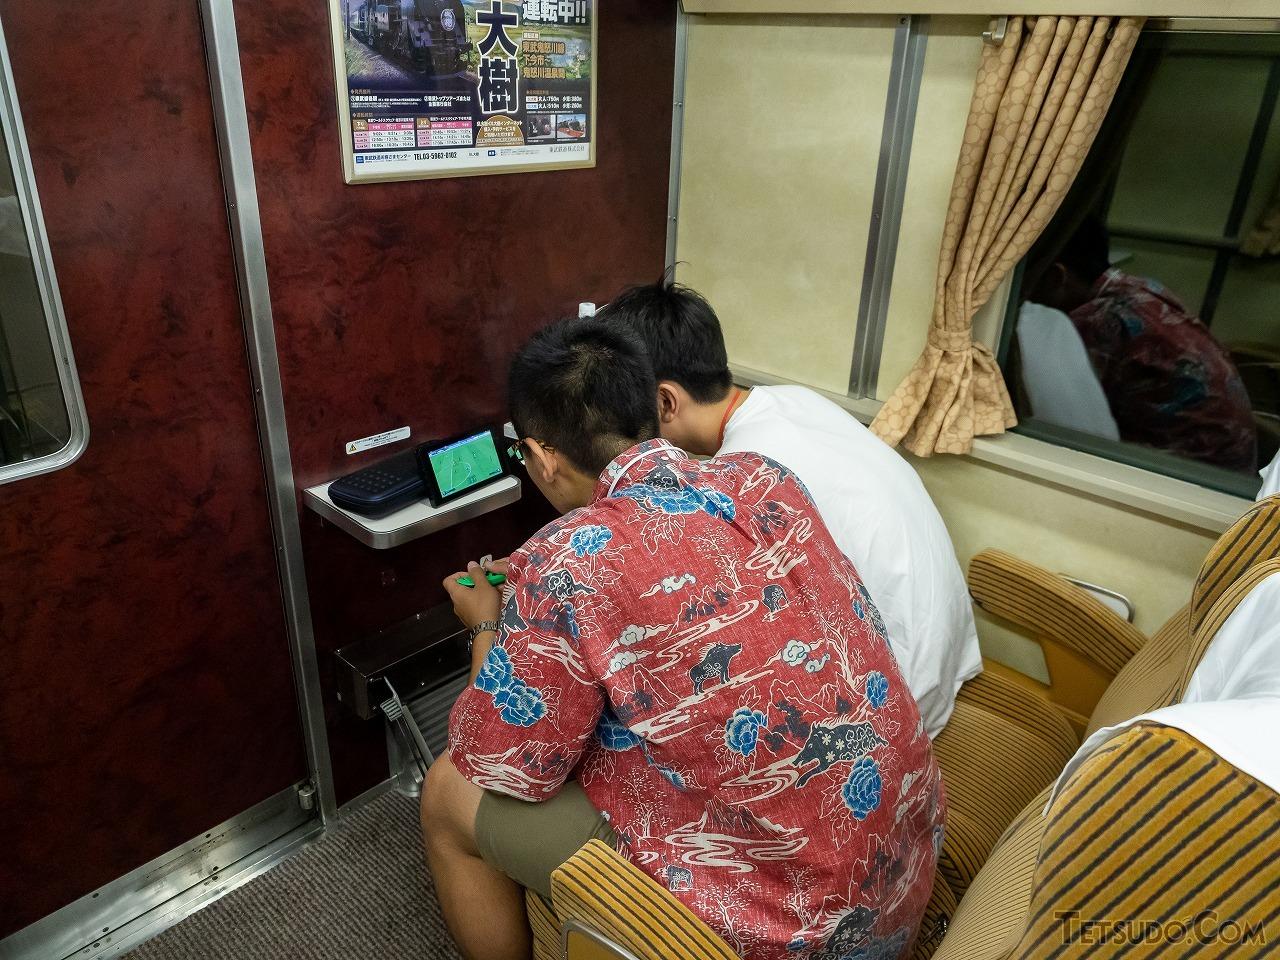 ドリームカーで音を消して「NintendoSwitch」をプレイする2人。昭和の中で令和を楽しんでいました